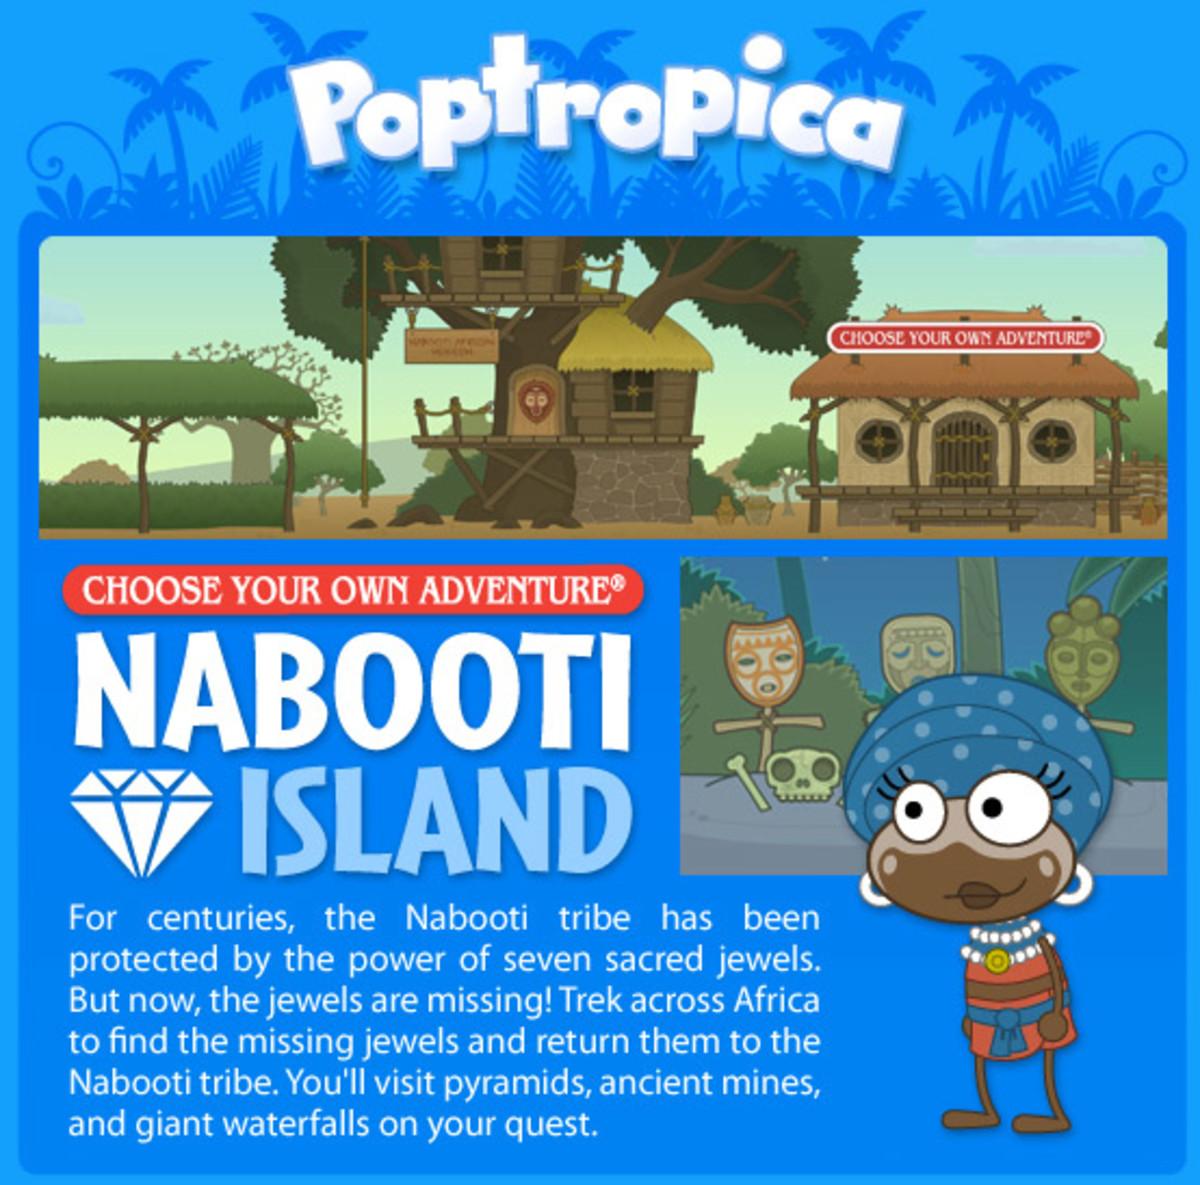 Nabooti Island